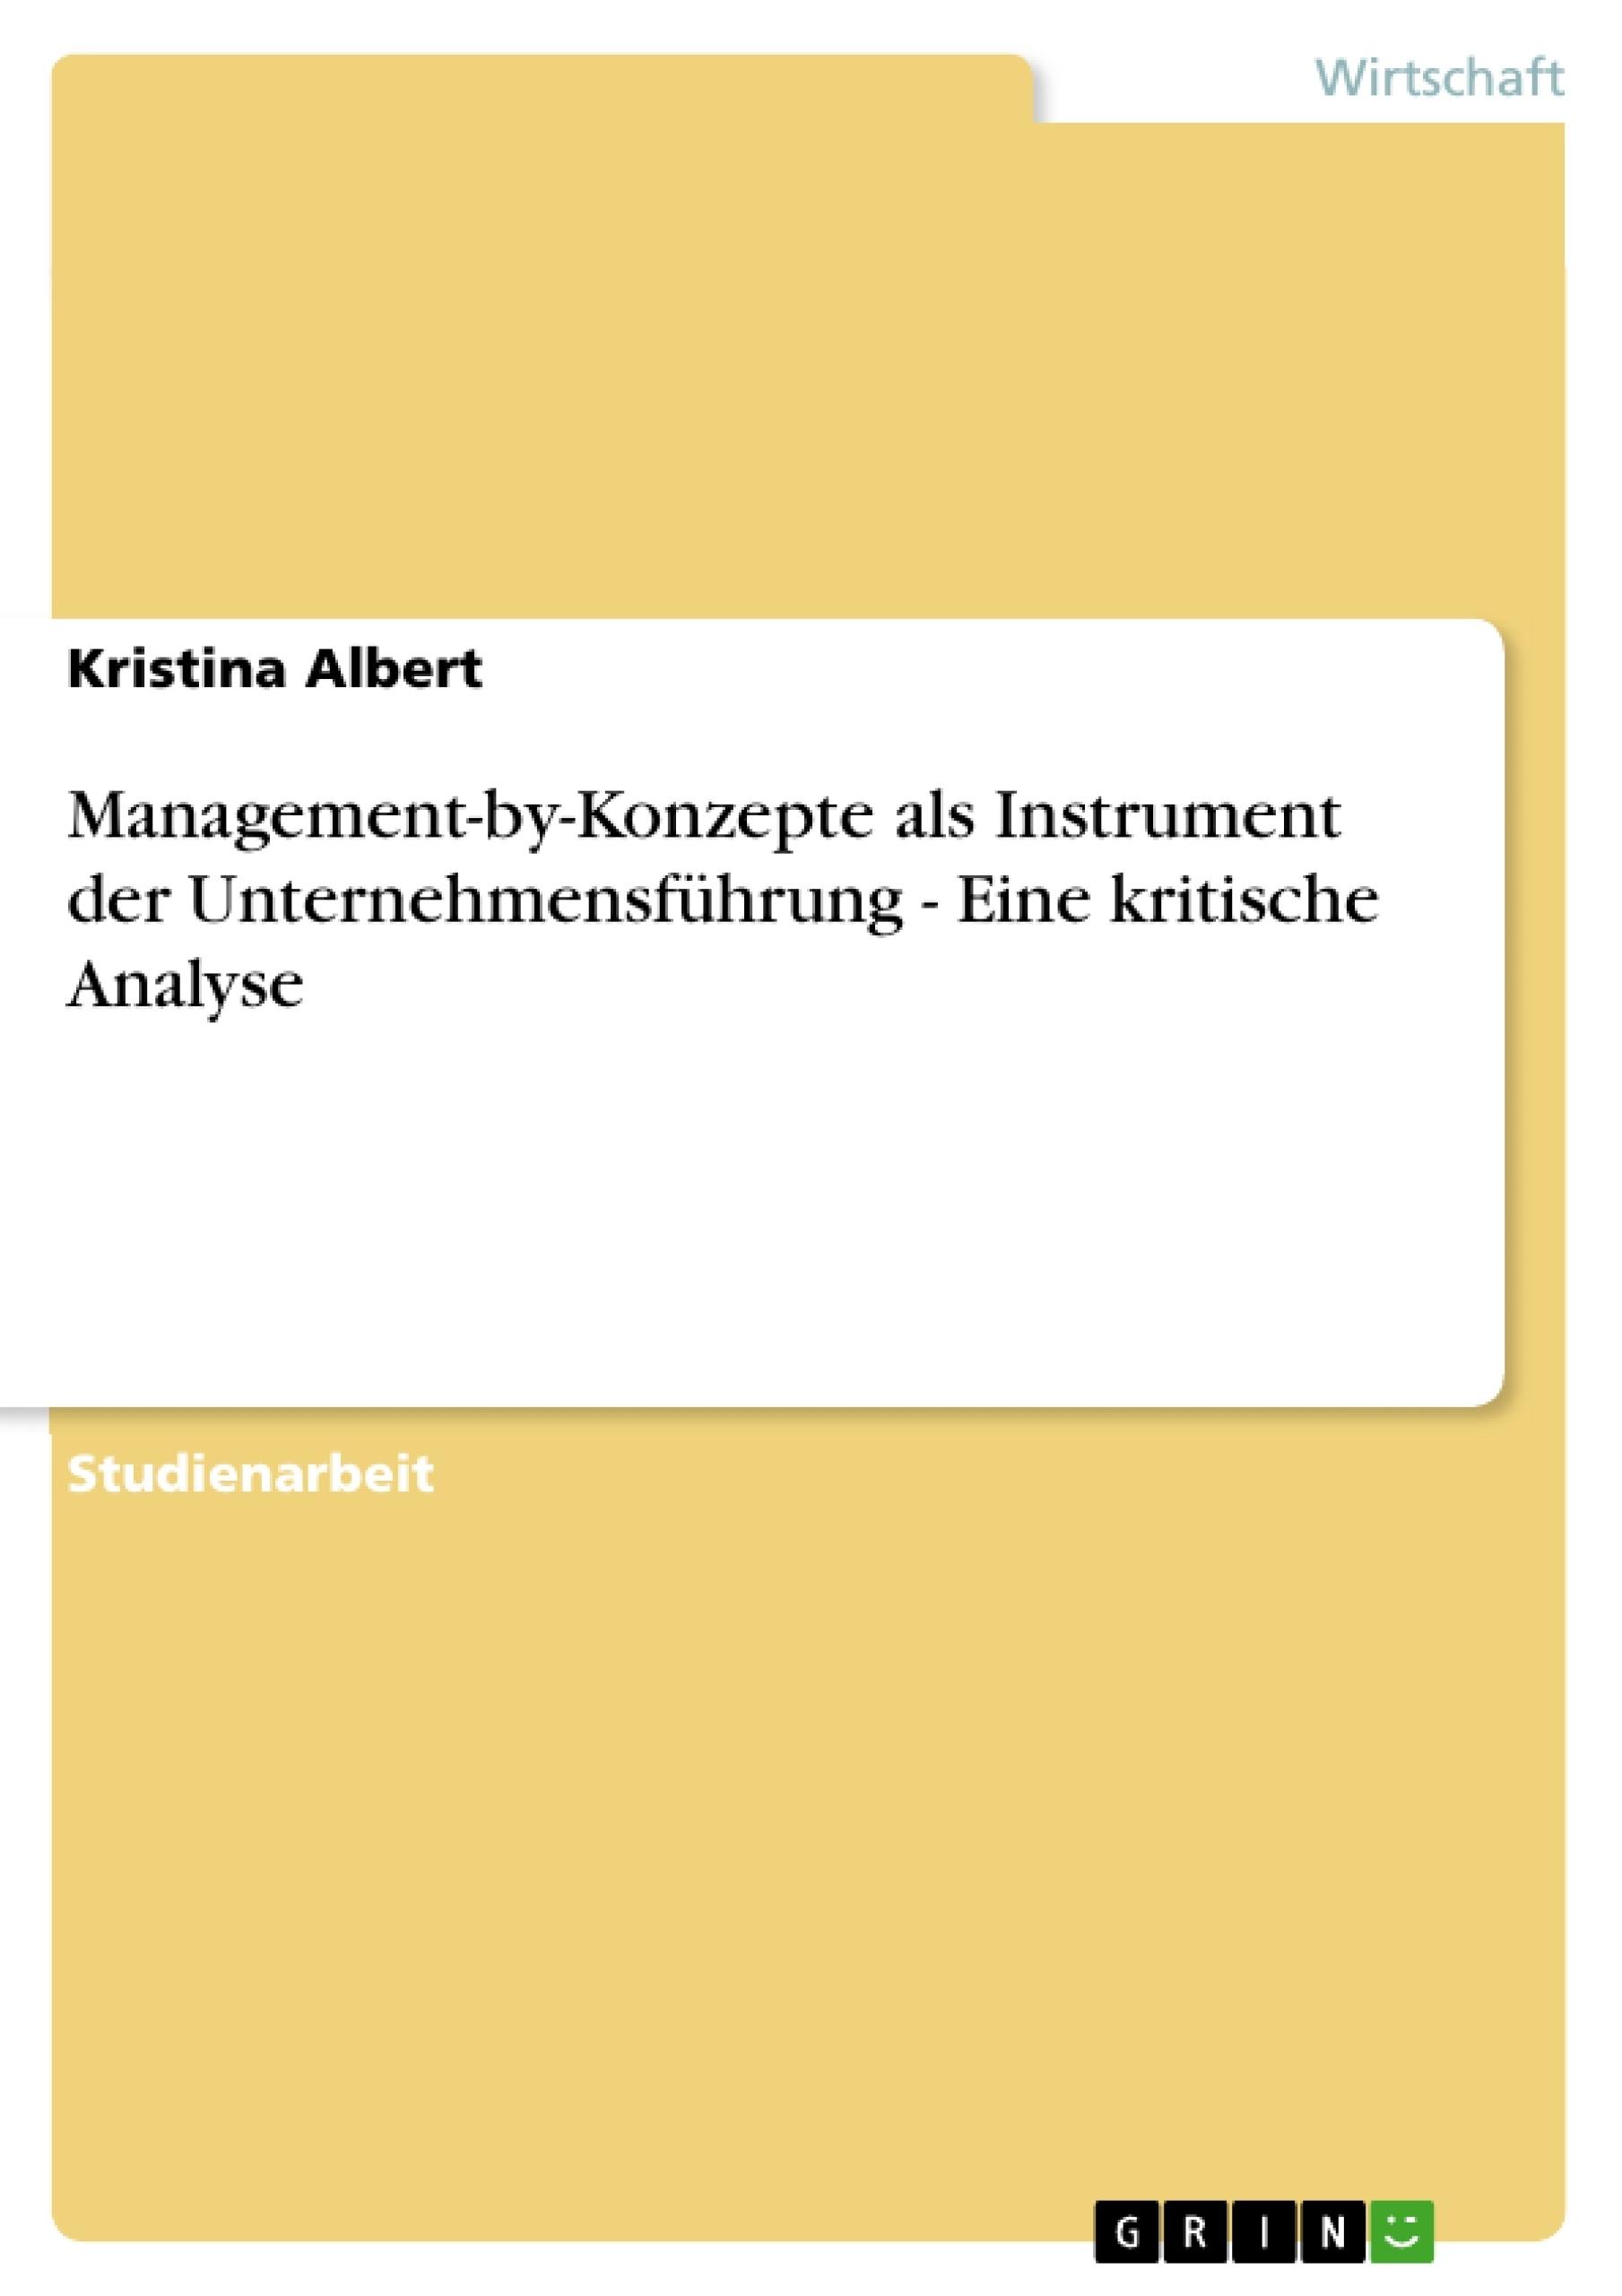 Titel: Management-by-Konzepte als Instrument der Unternehmensführung - Eine kritische Analyse